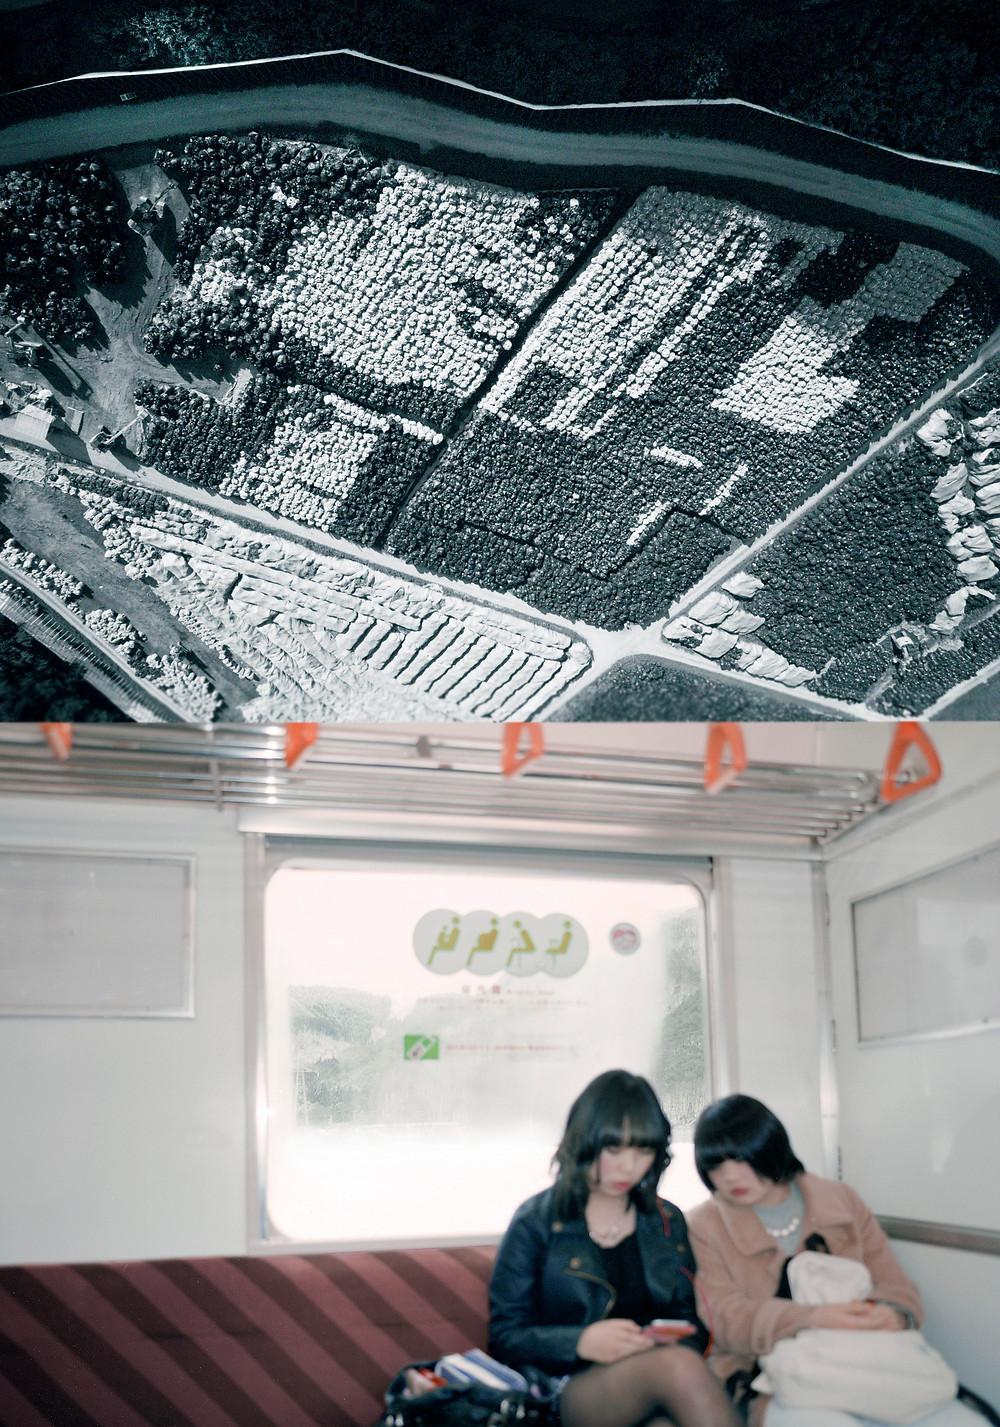 震災後、  6年に渡り撮り続けた故郷、福島の写真を展示します。  カラー、モノクロ約50点。  2017年3月28日(火)~4月10日(月)  ◆新宿Nikon Salon  東京都新宿区西新宿1-6-1 新宿エルタワー28F  →URL  2017年4月27日(木)~5月3日(水)  ◆大阪Nikon Salon  大阪府大阪市北区梅田2-2-2  ヒルトンプラザウエスト・オフィスタワー13F  →URL  新宿・大阪いずれも10:30~18:30(最終日は15:00まで)  会期中無休